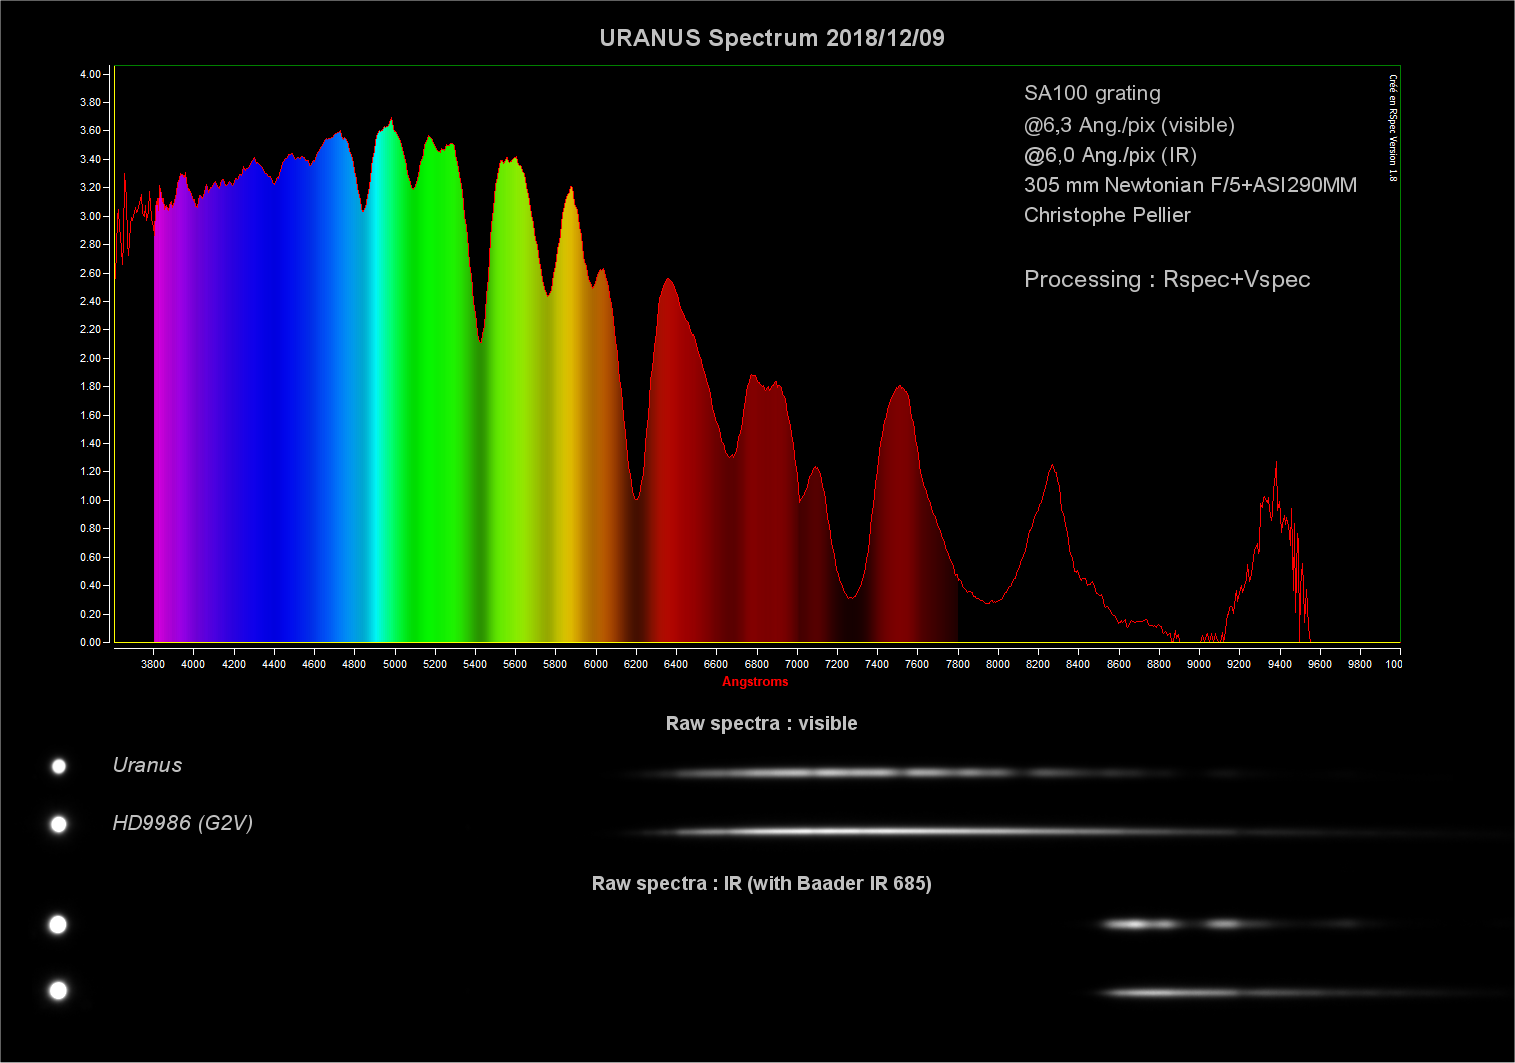 U2018-12-09_20-42_spectrum_cp.png